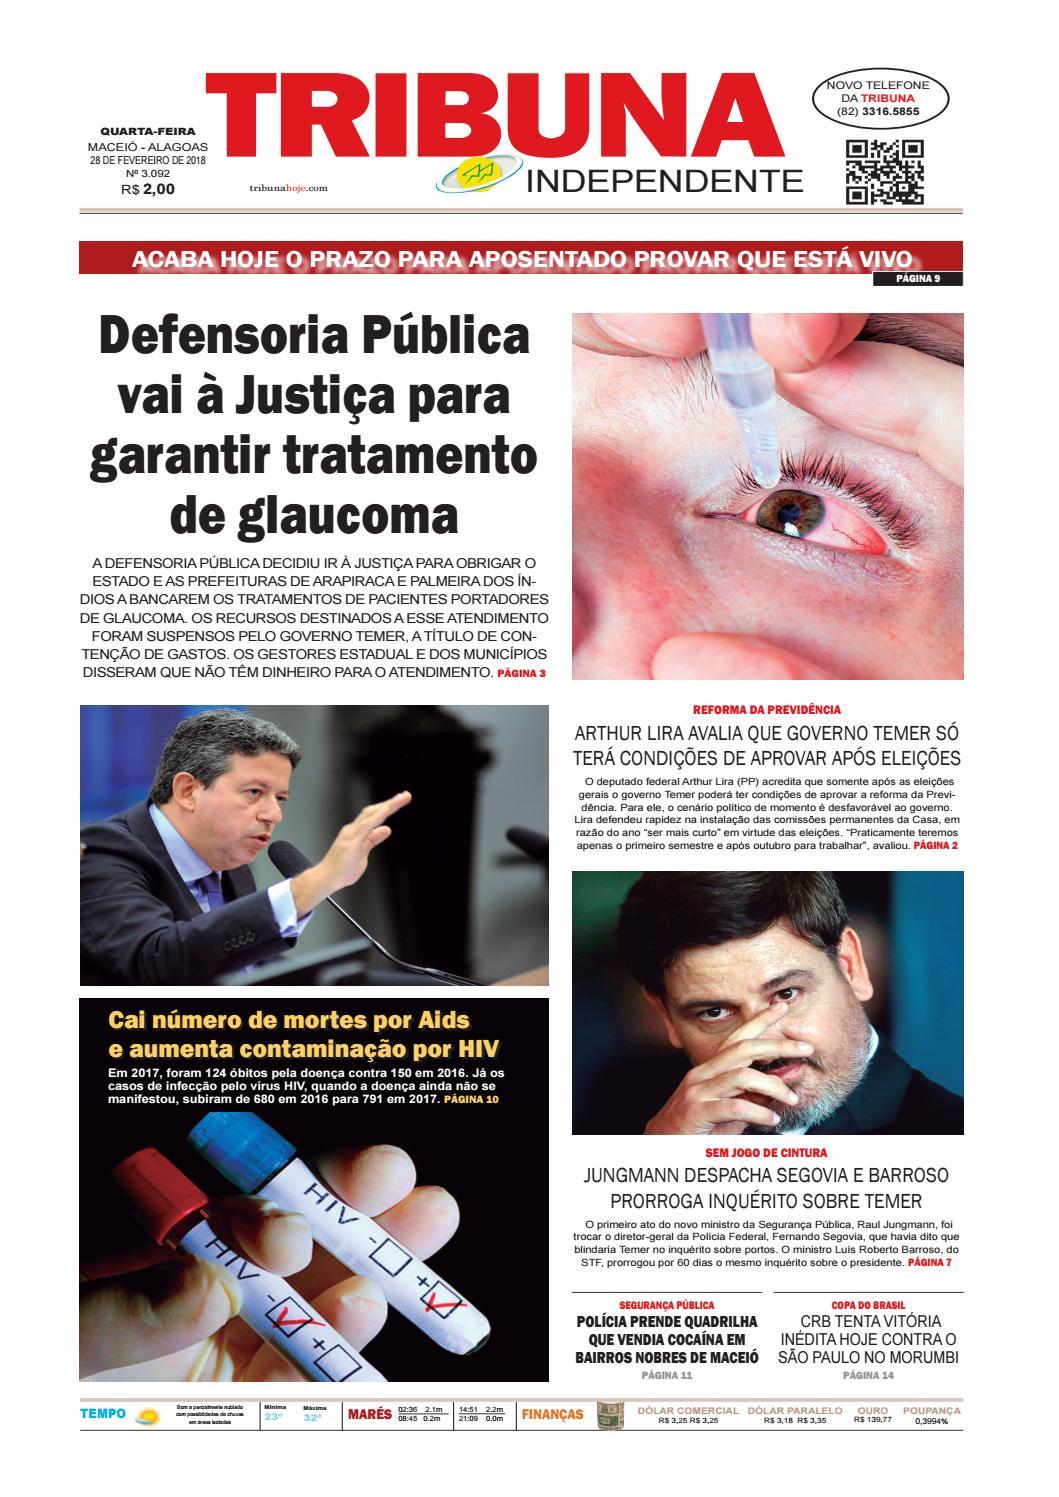 a07294f16a Edição número 3092 - 28 de fevereiro de 2018 by Tribuna Hoje - issuu